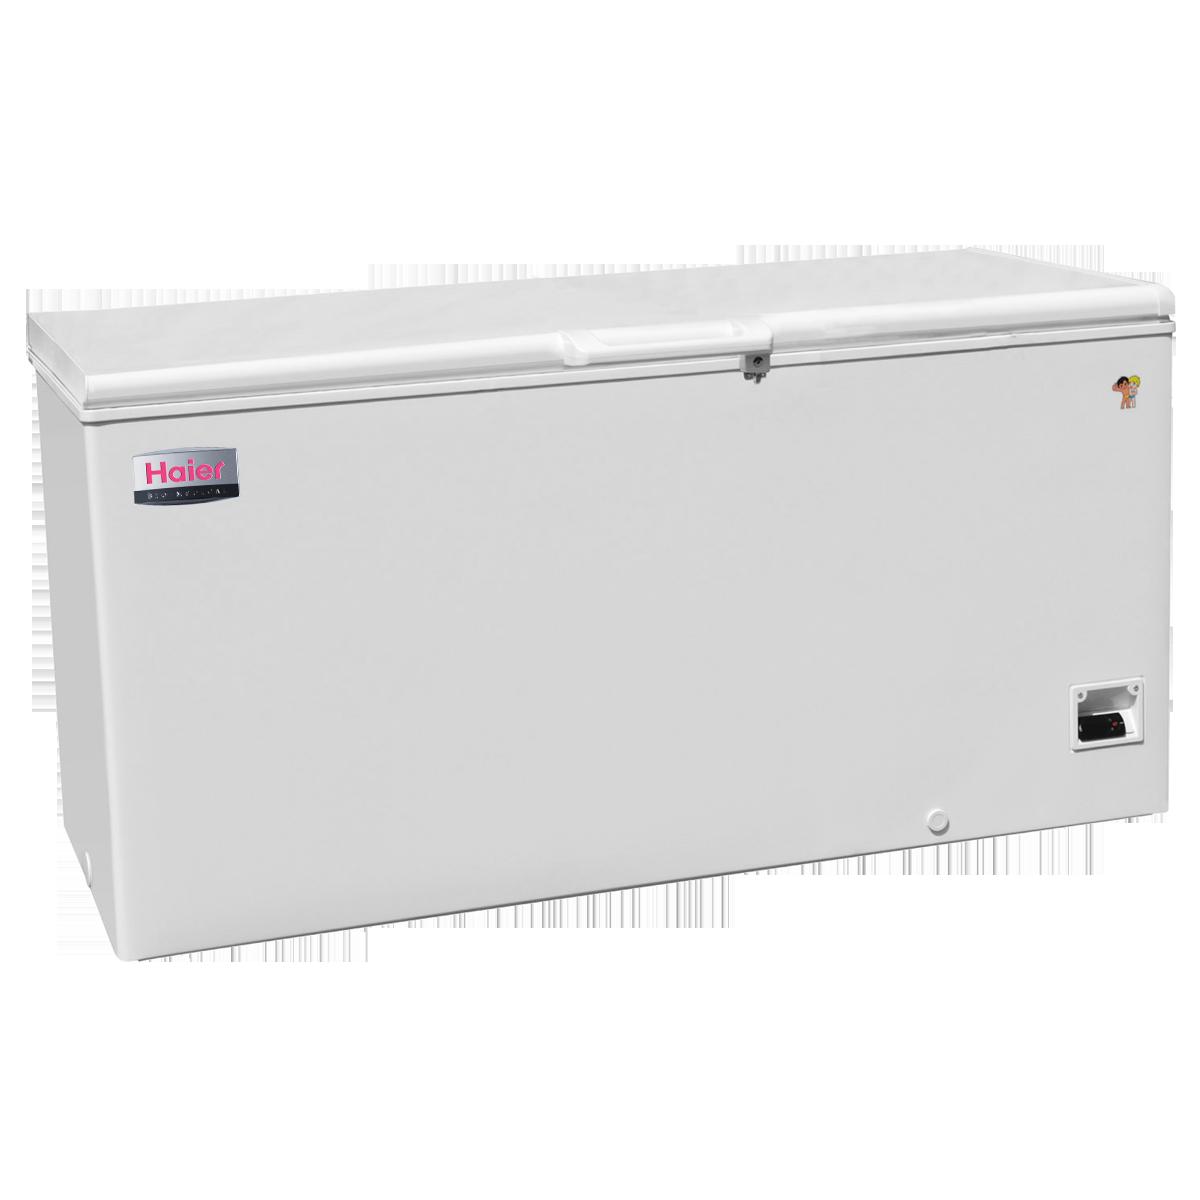 海尔-25℃低温保存箱DW-25W518/卧式518L医用冷